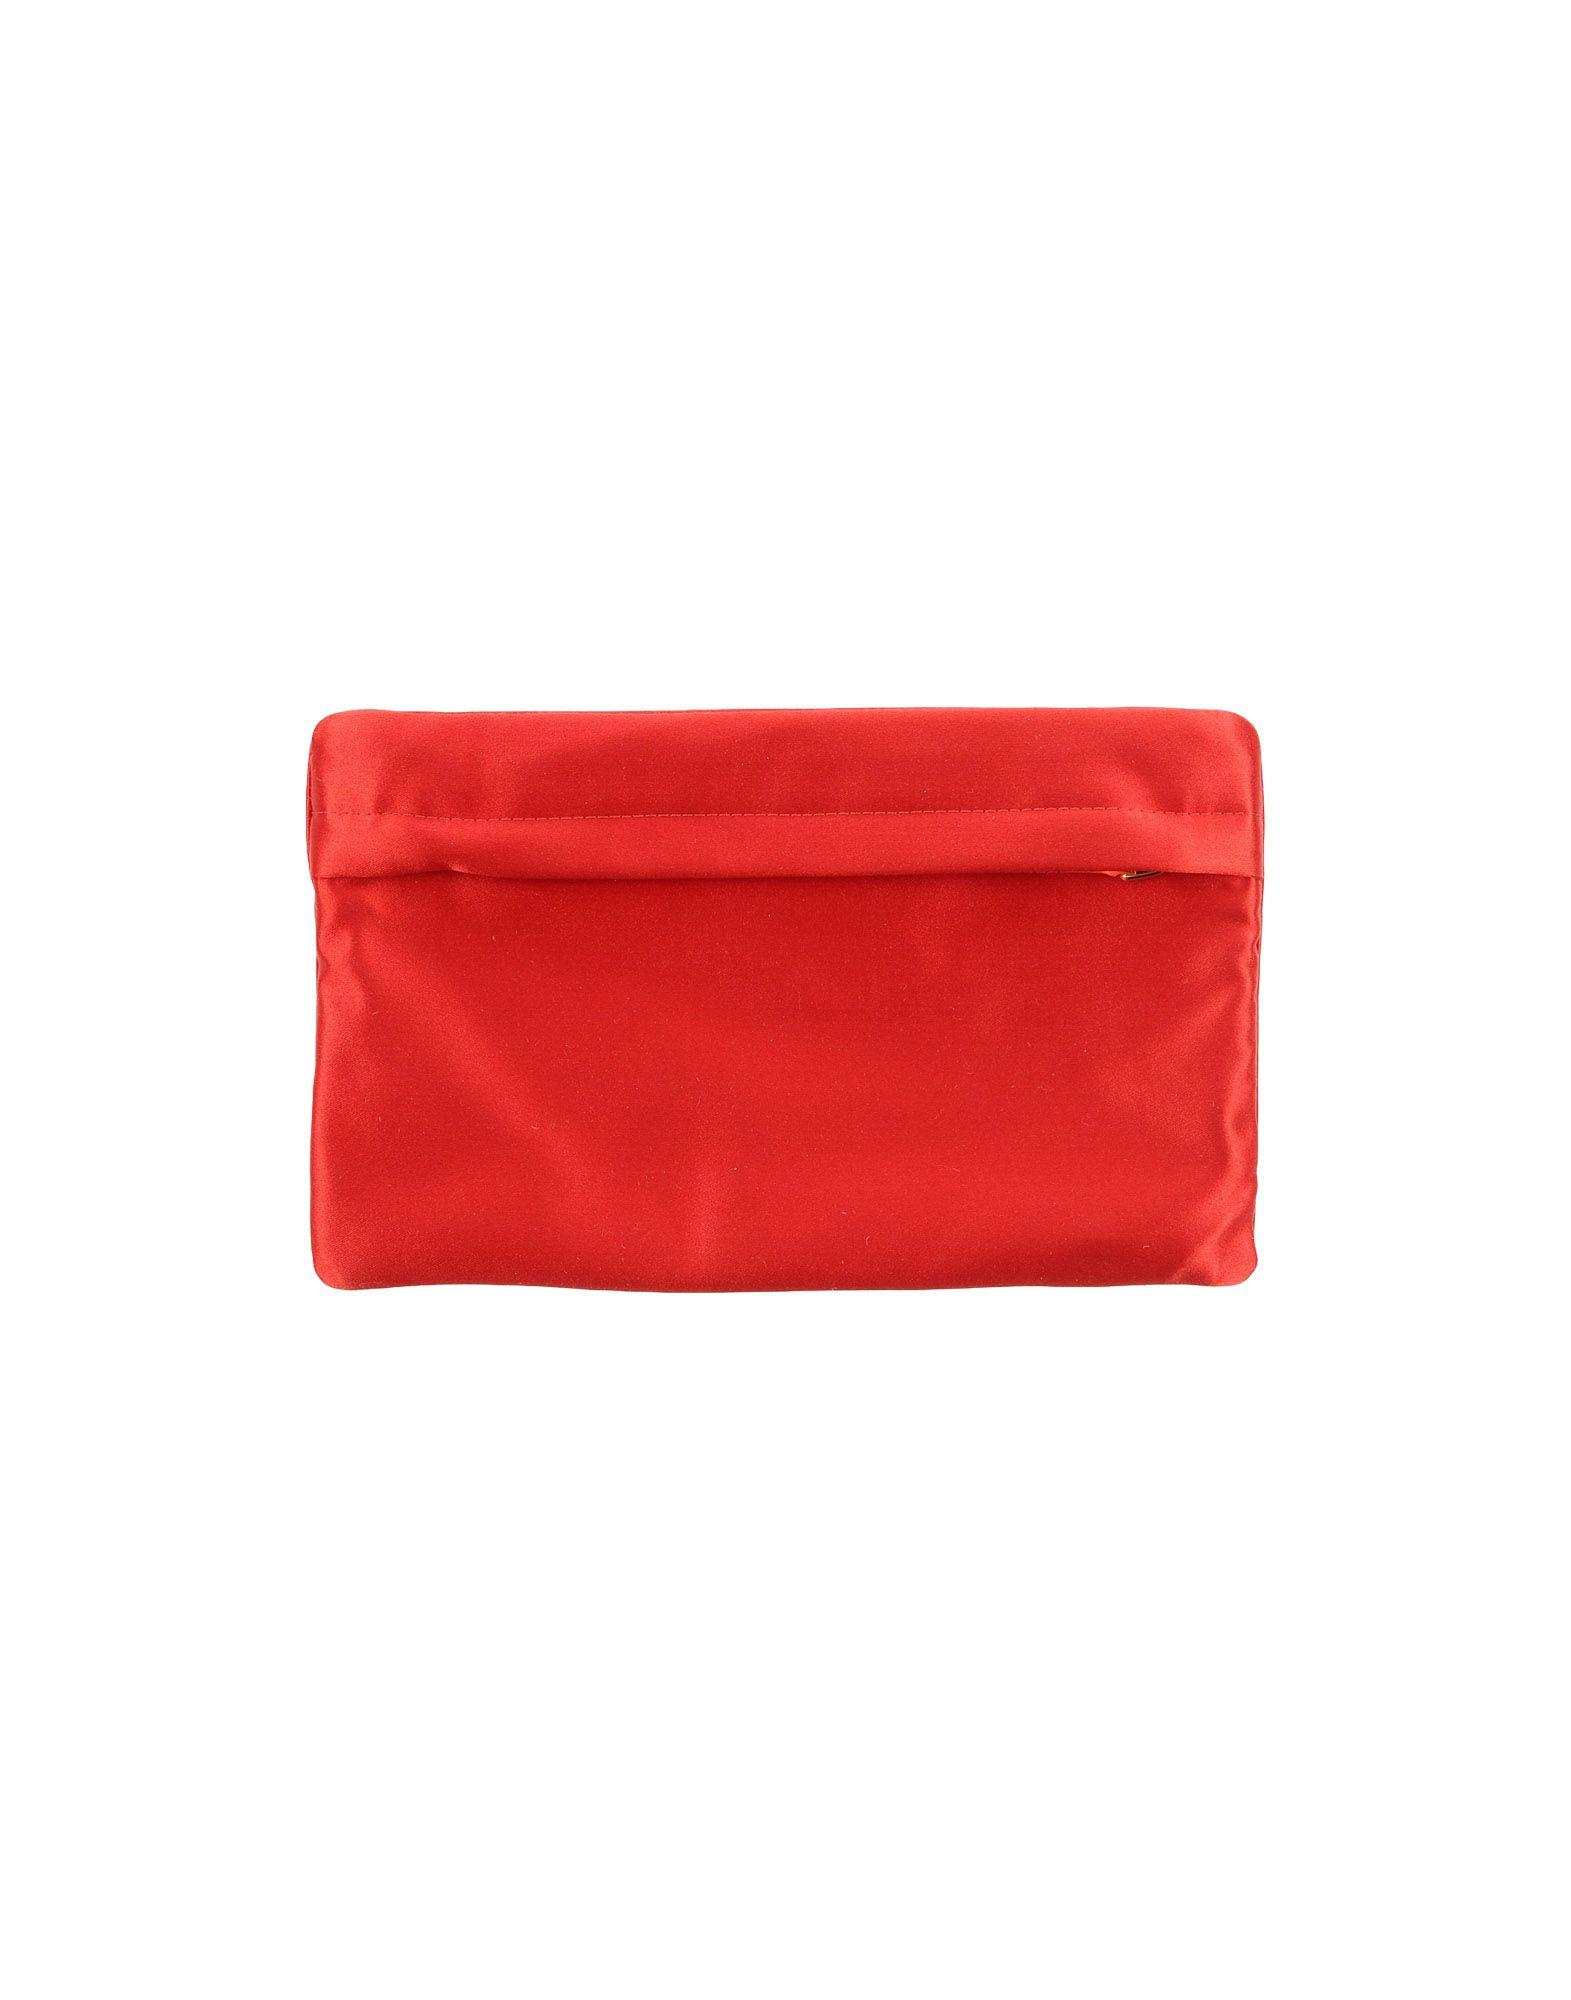 《送料無料》PRADA レディース ポーチ レッド 紡績繊維